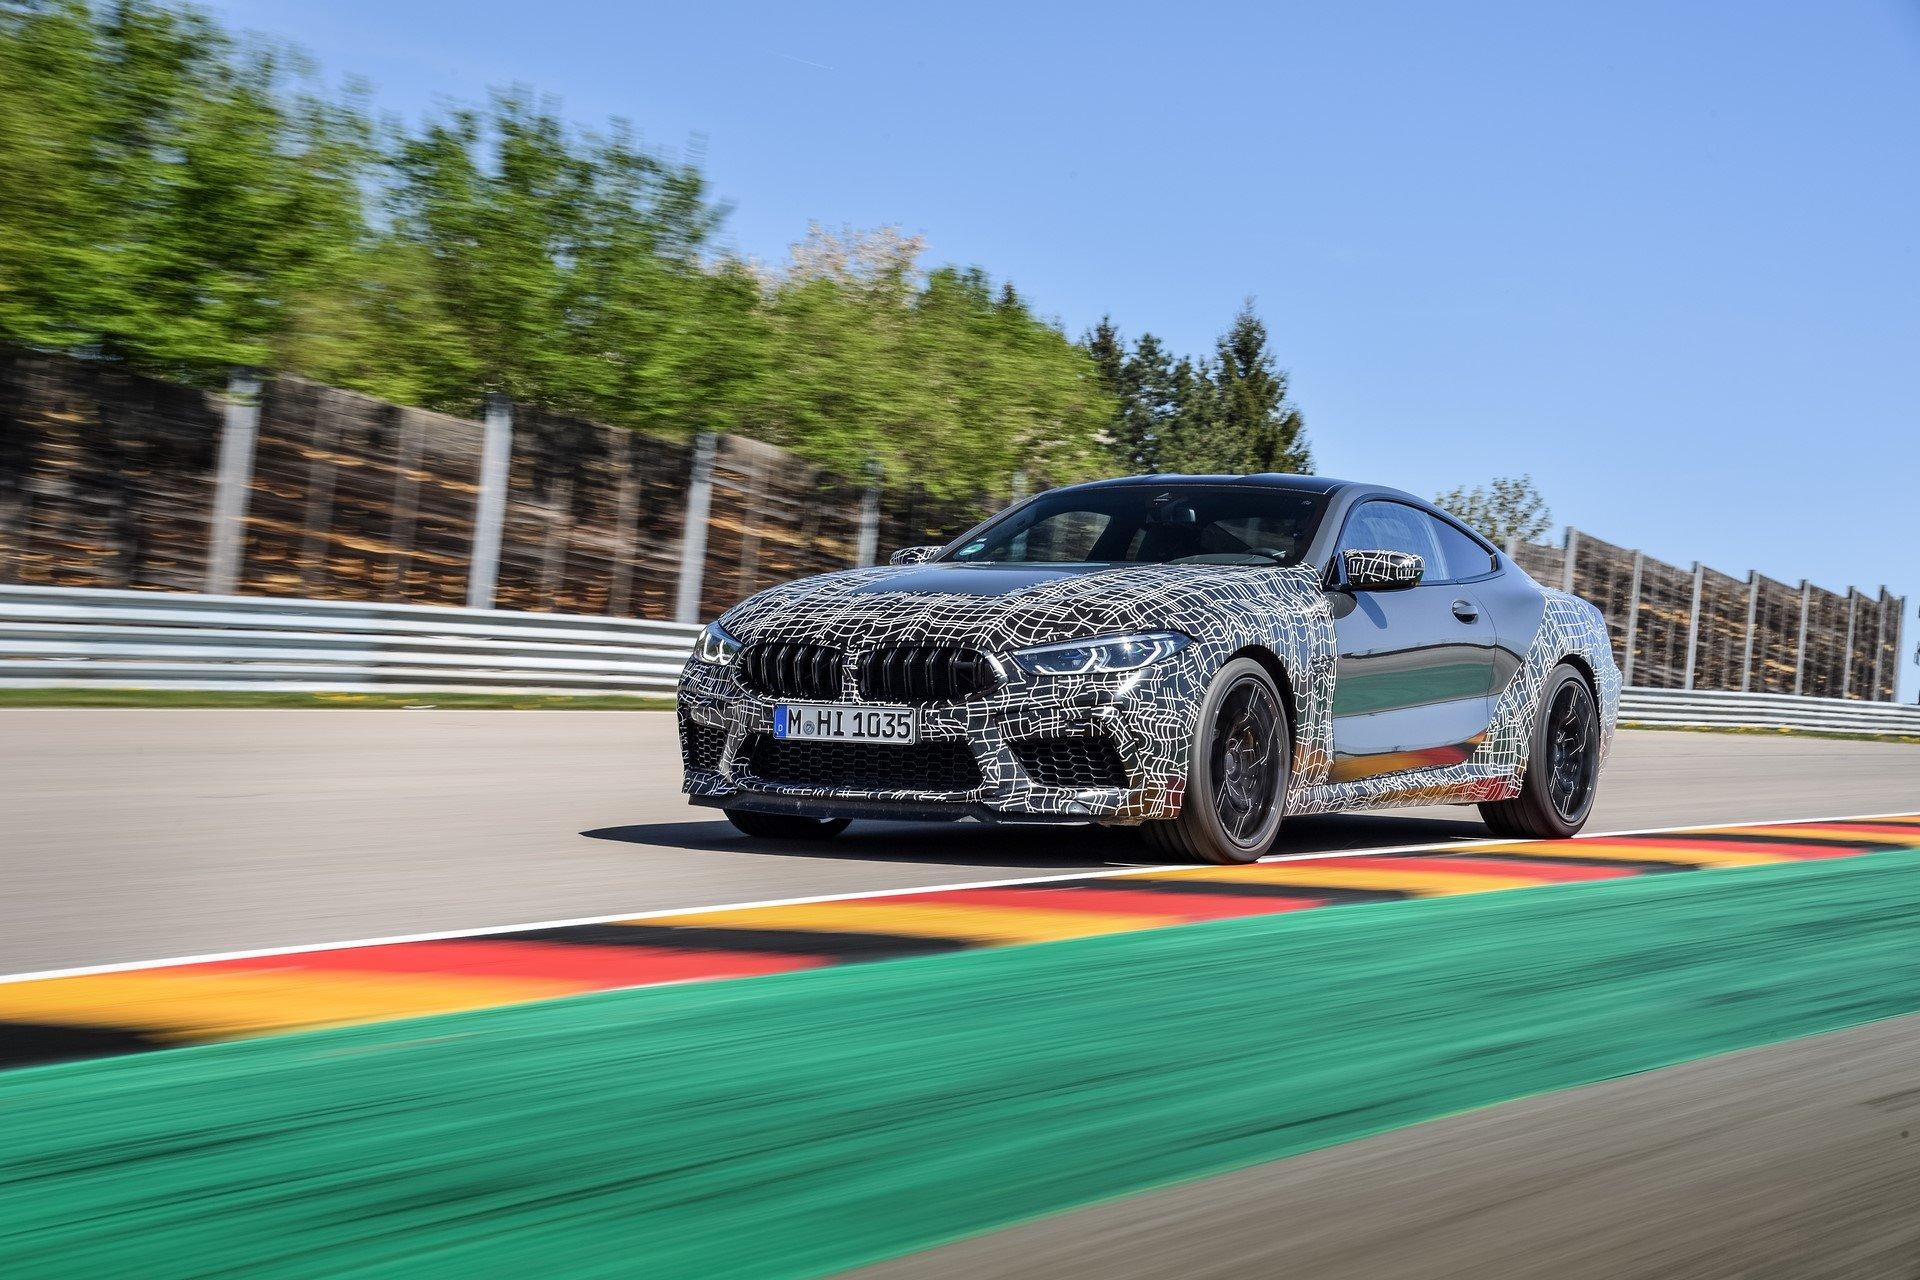 BMW-M8-spy-photos-30